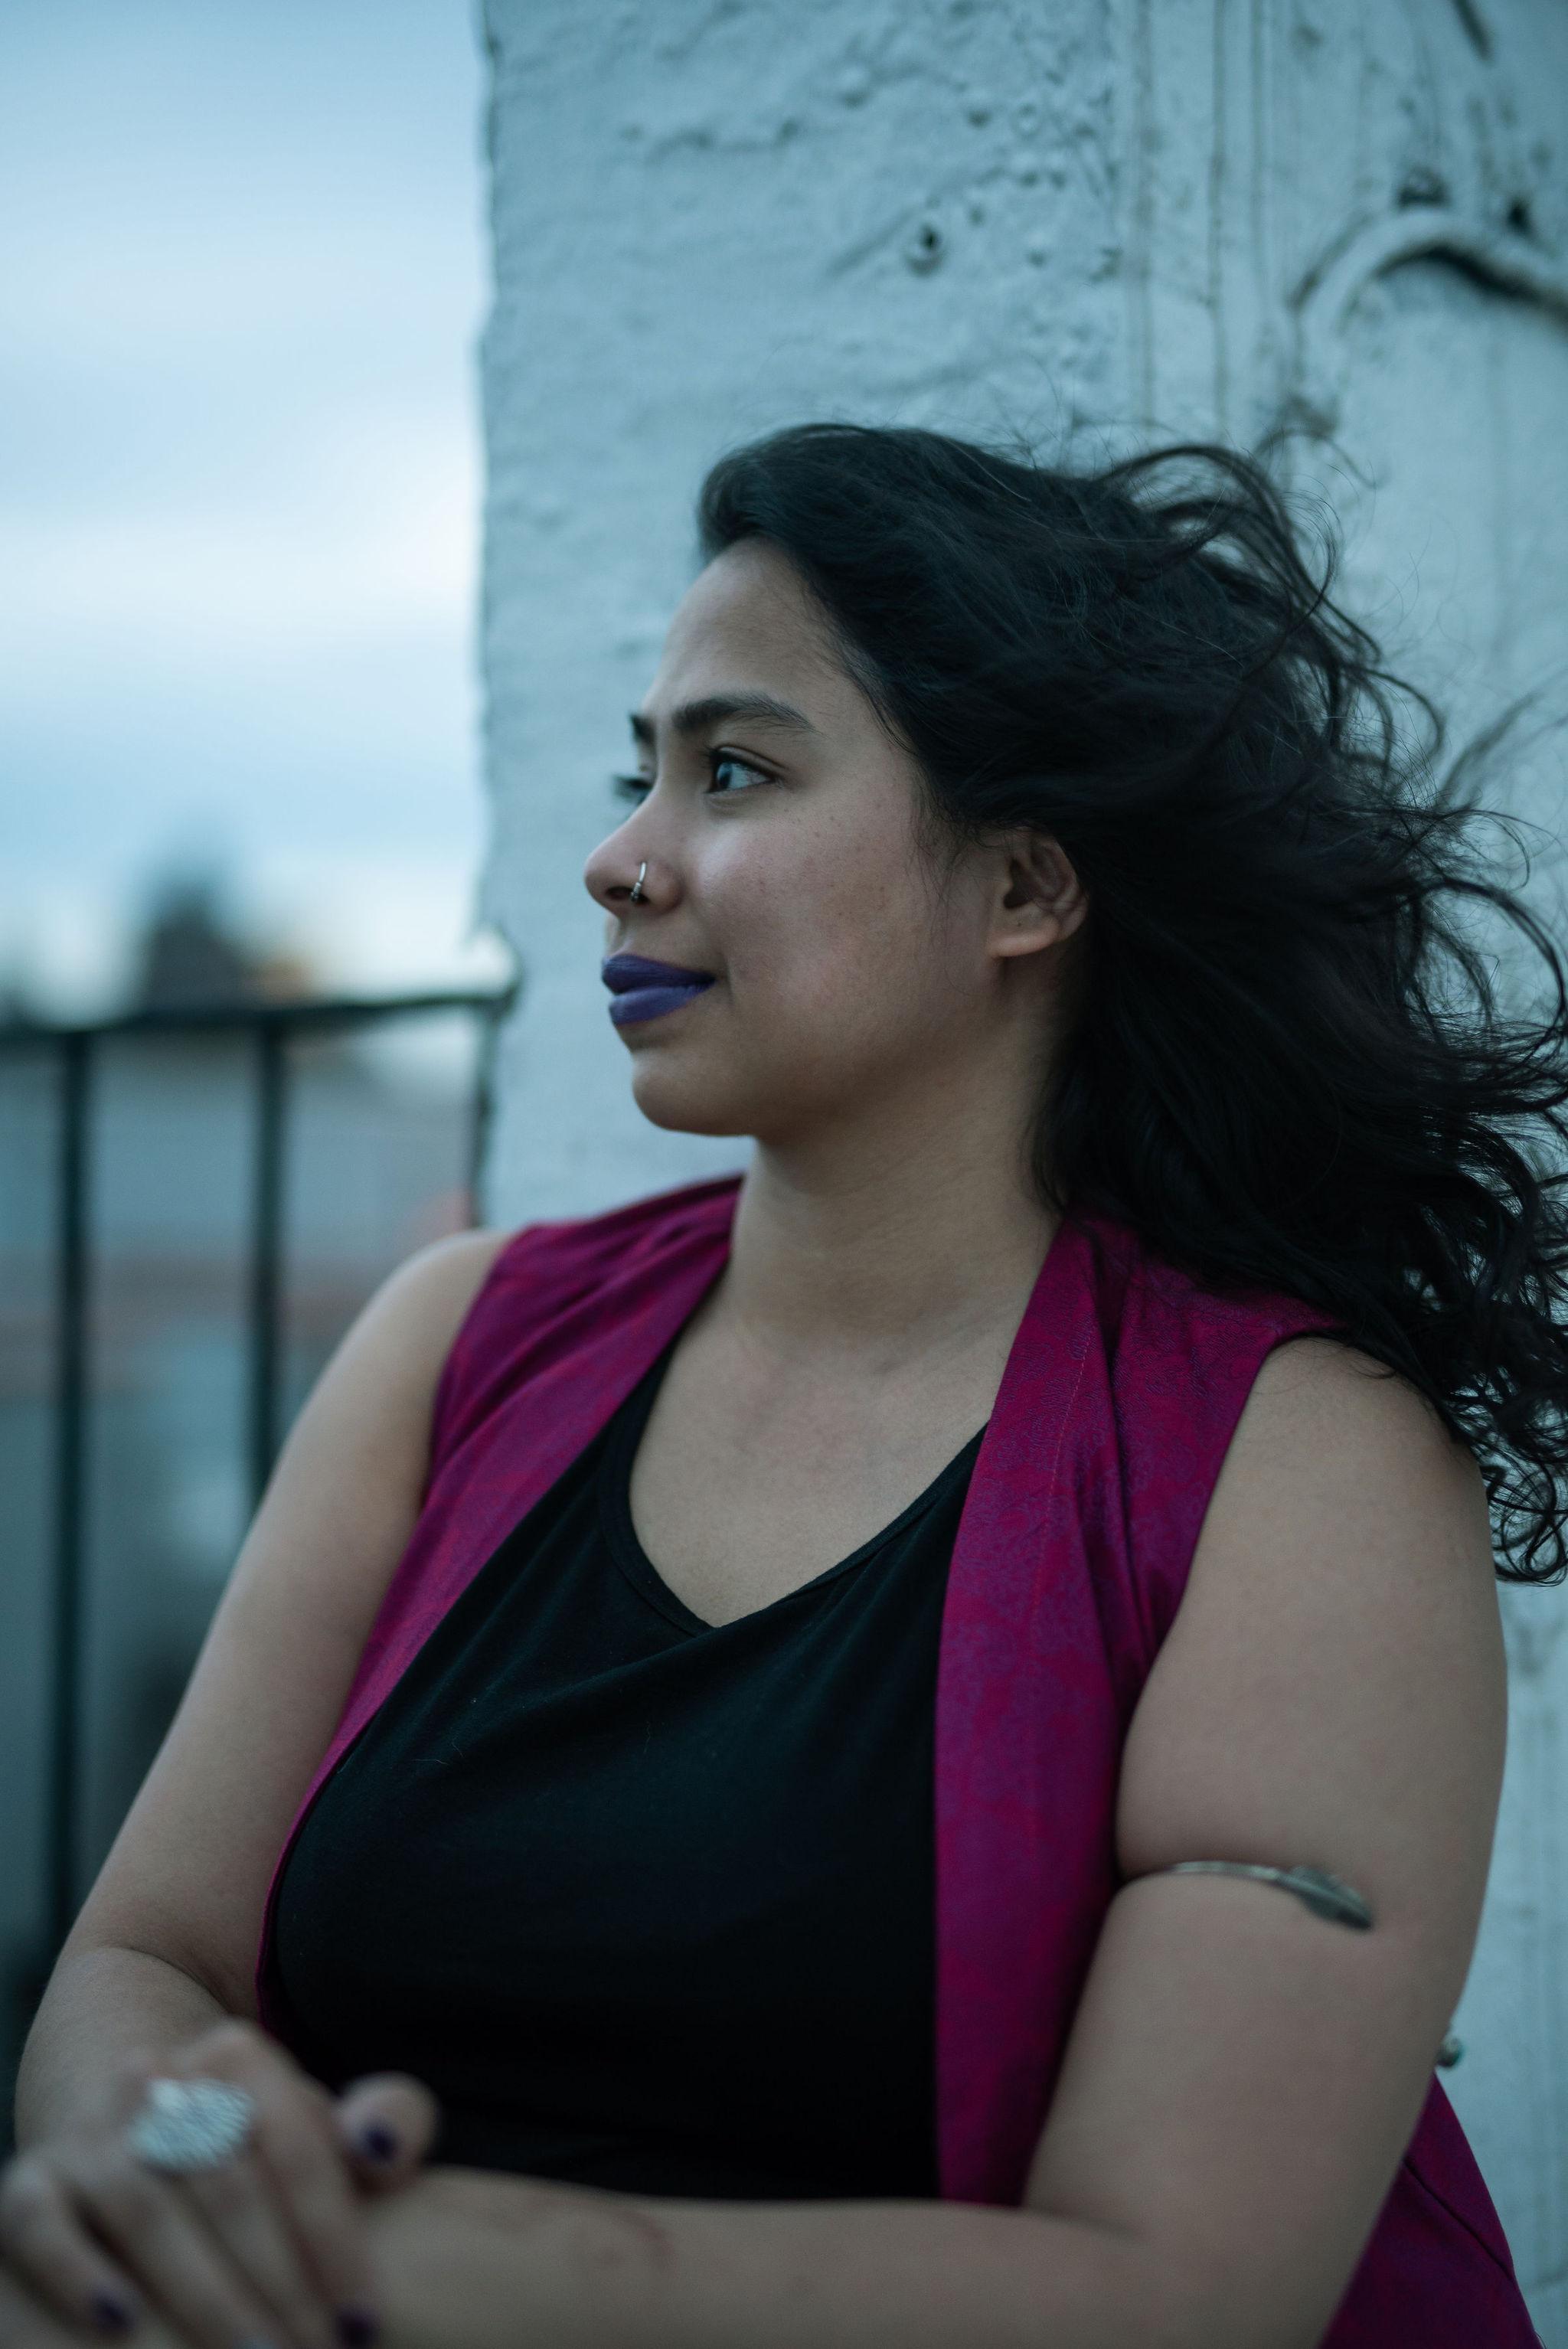 Samira Sadeque © Lauren von Eckartsberg Photography